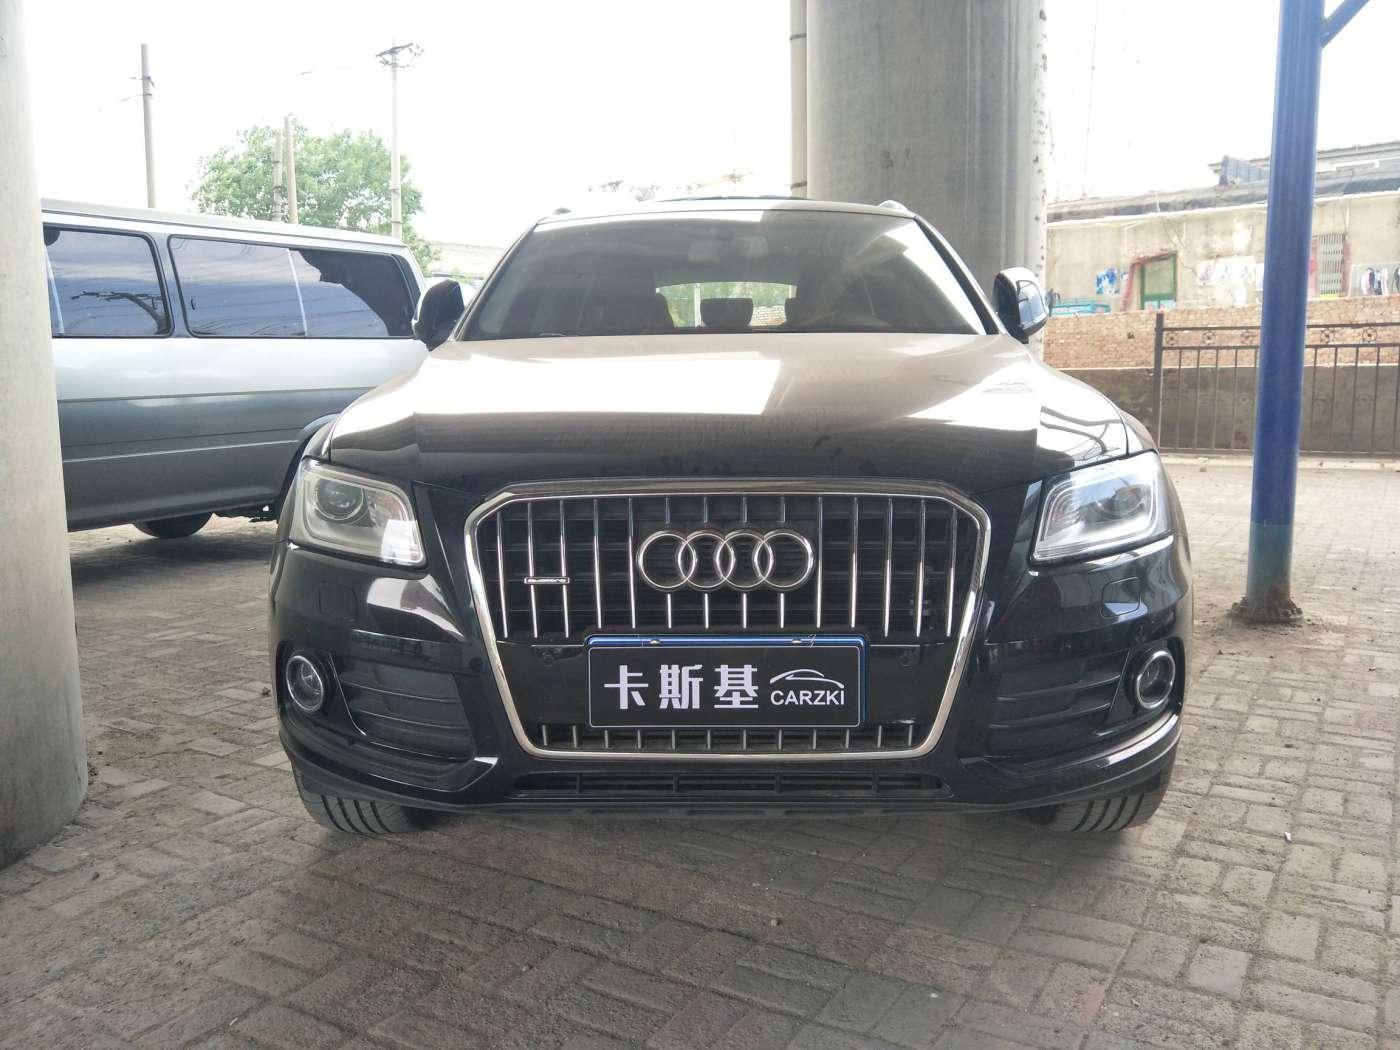 2014年05月 奥迪Q5 2013款 40 TFSI 舒适型 甄选奥迪-北京卡斯基汽车服务有限公司